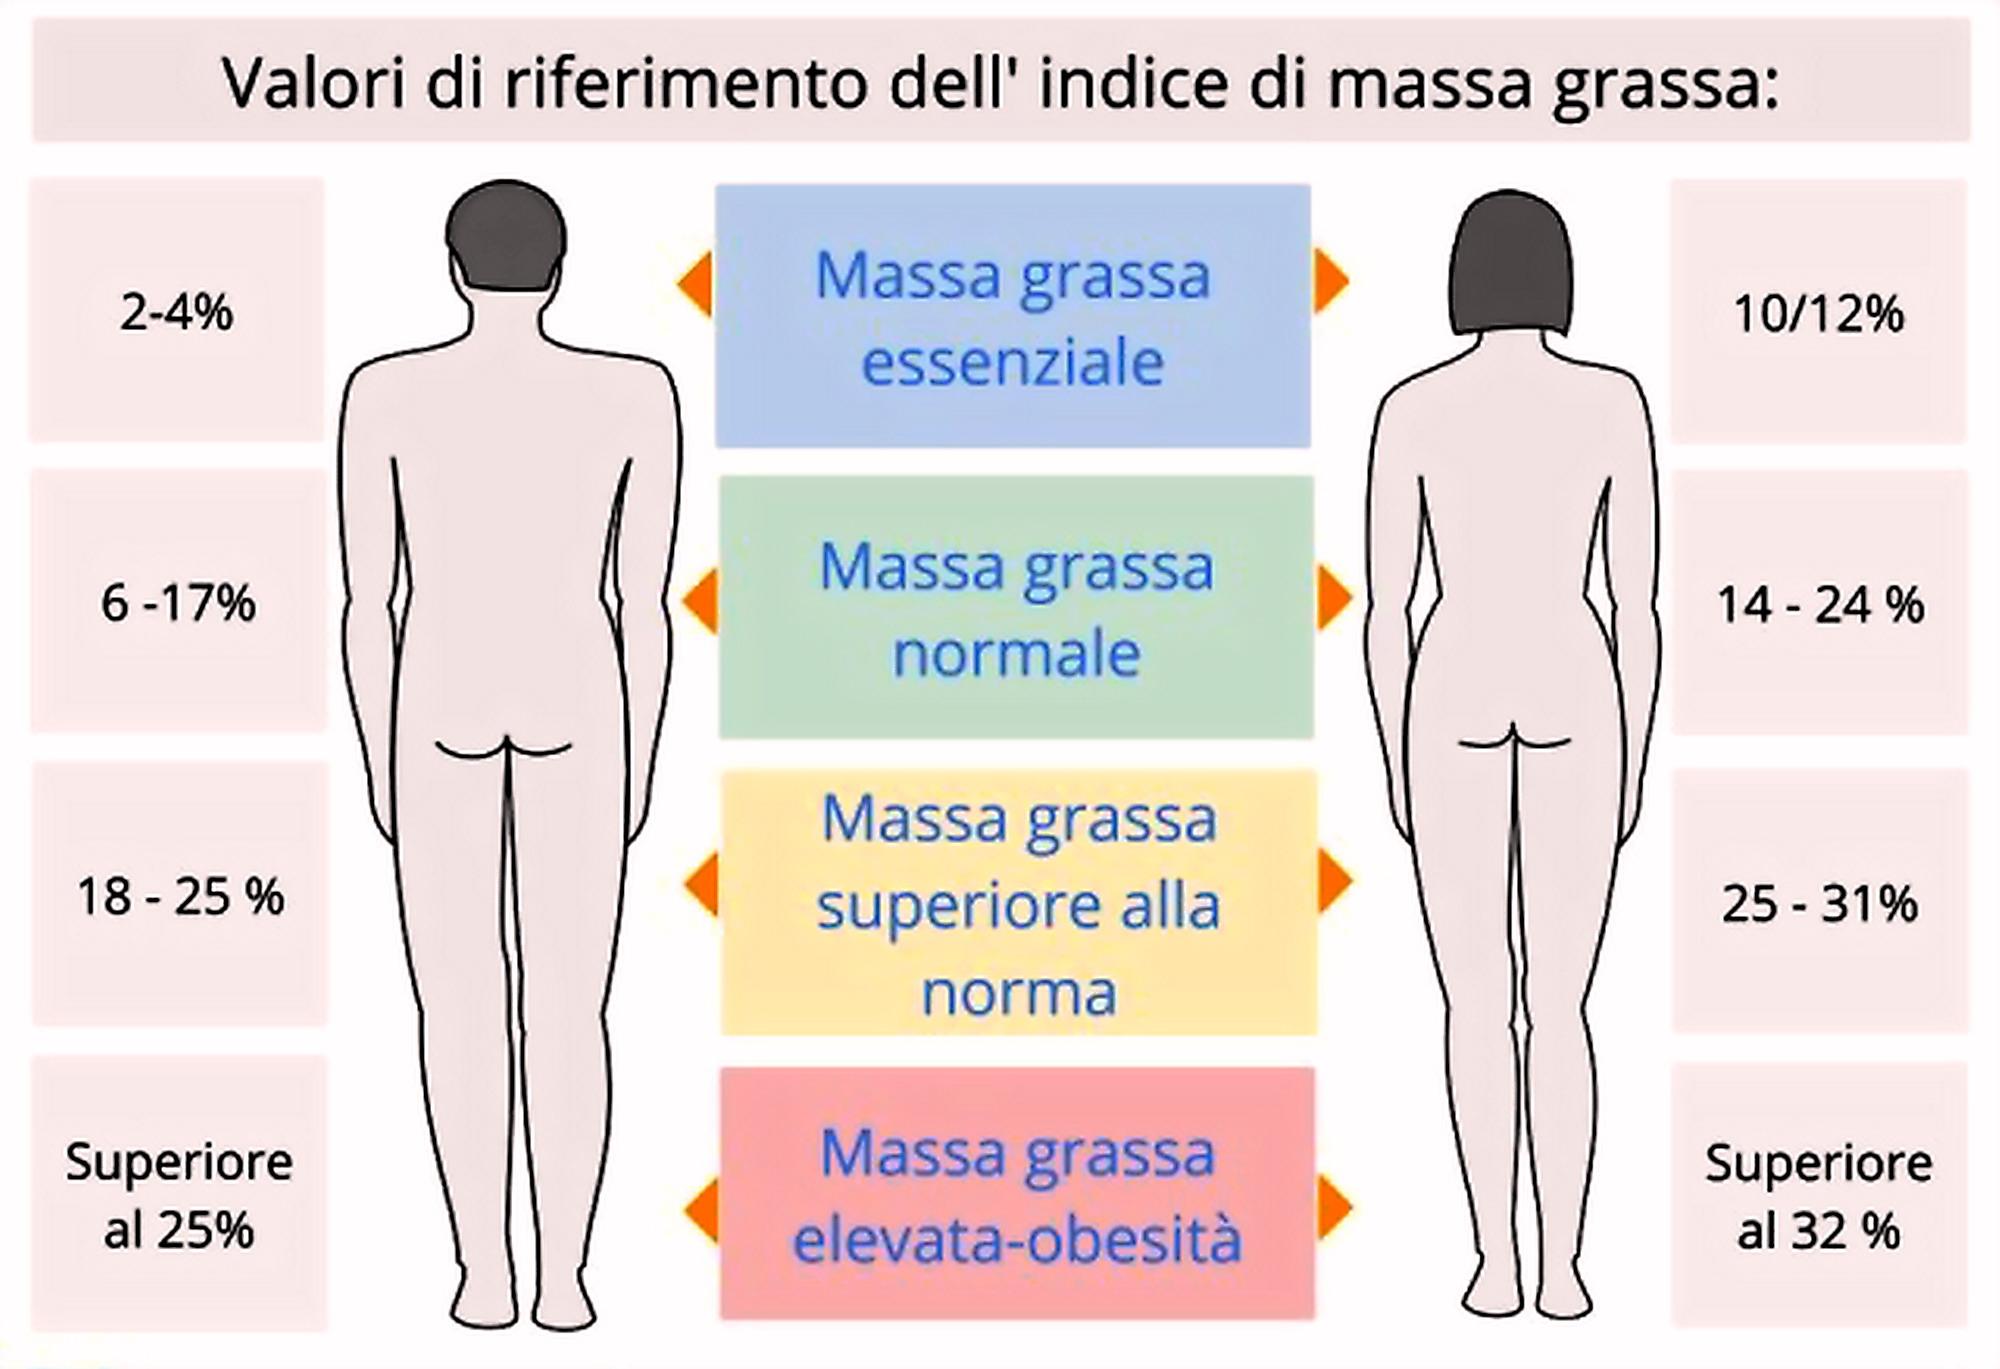 percentuale massa grassa ideale uomo